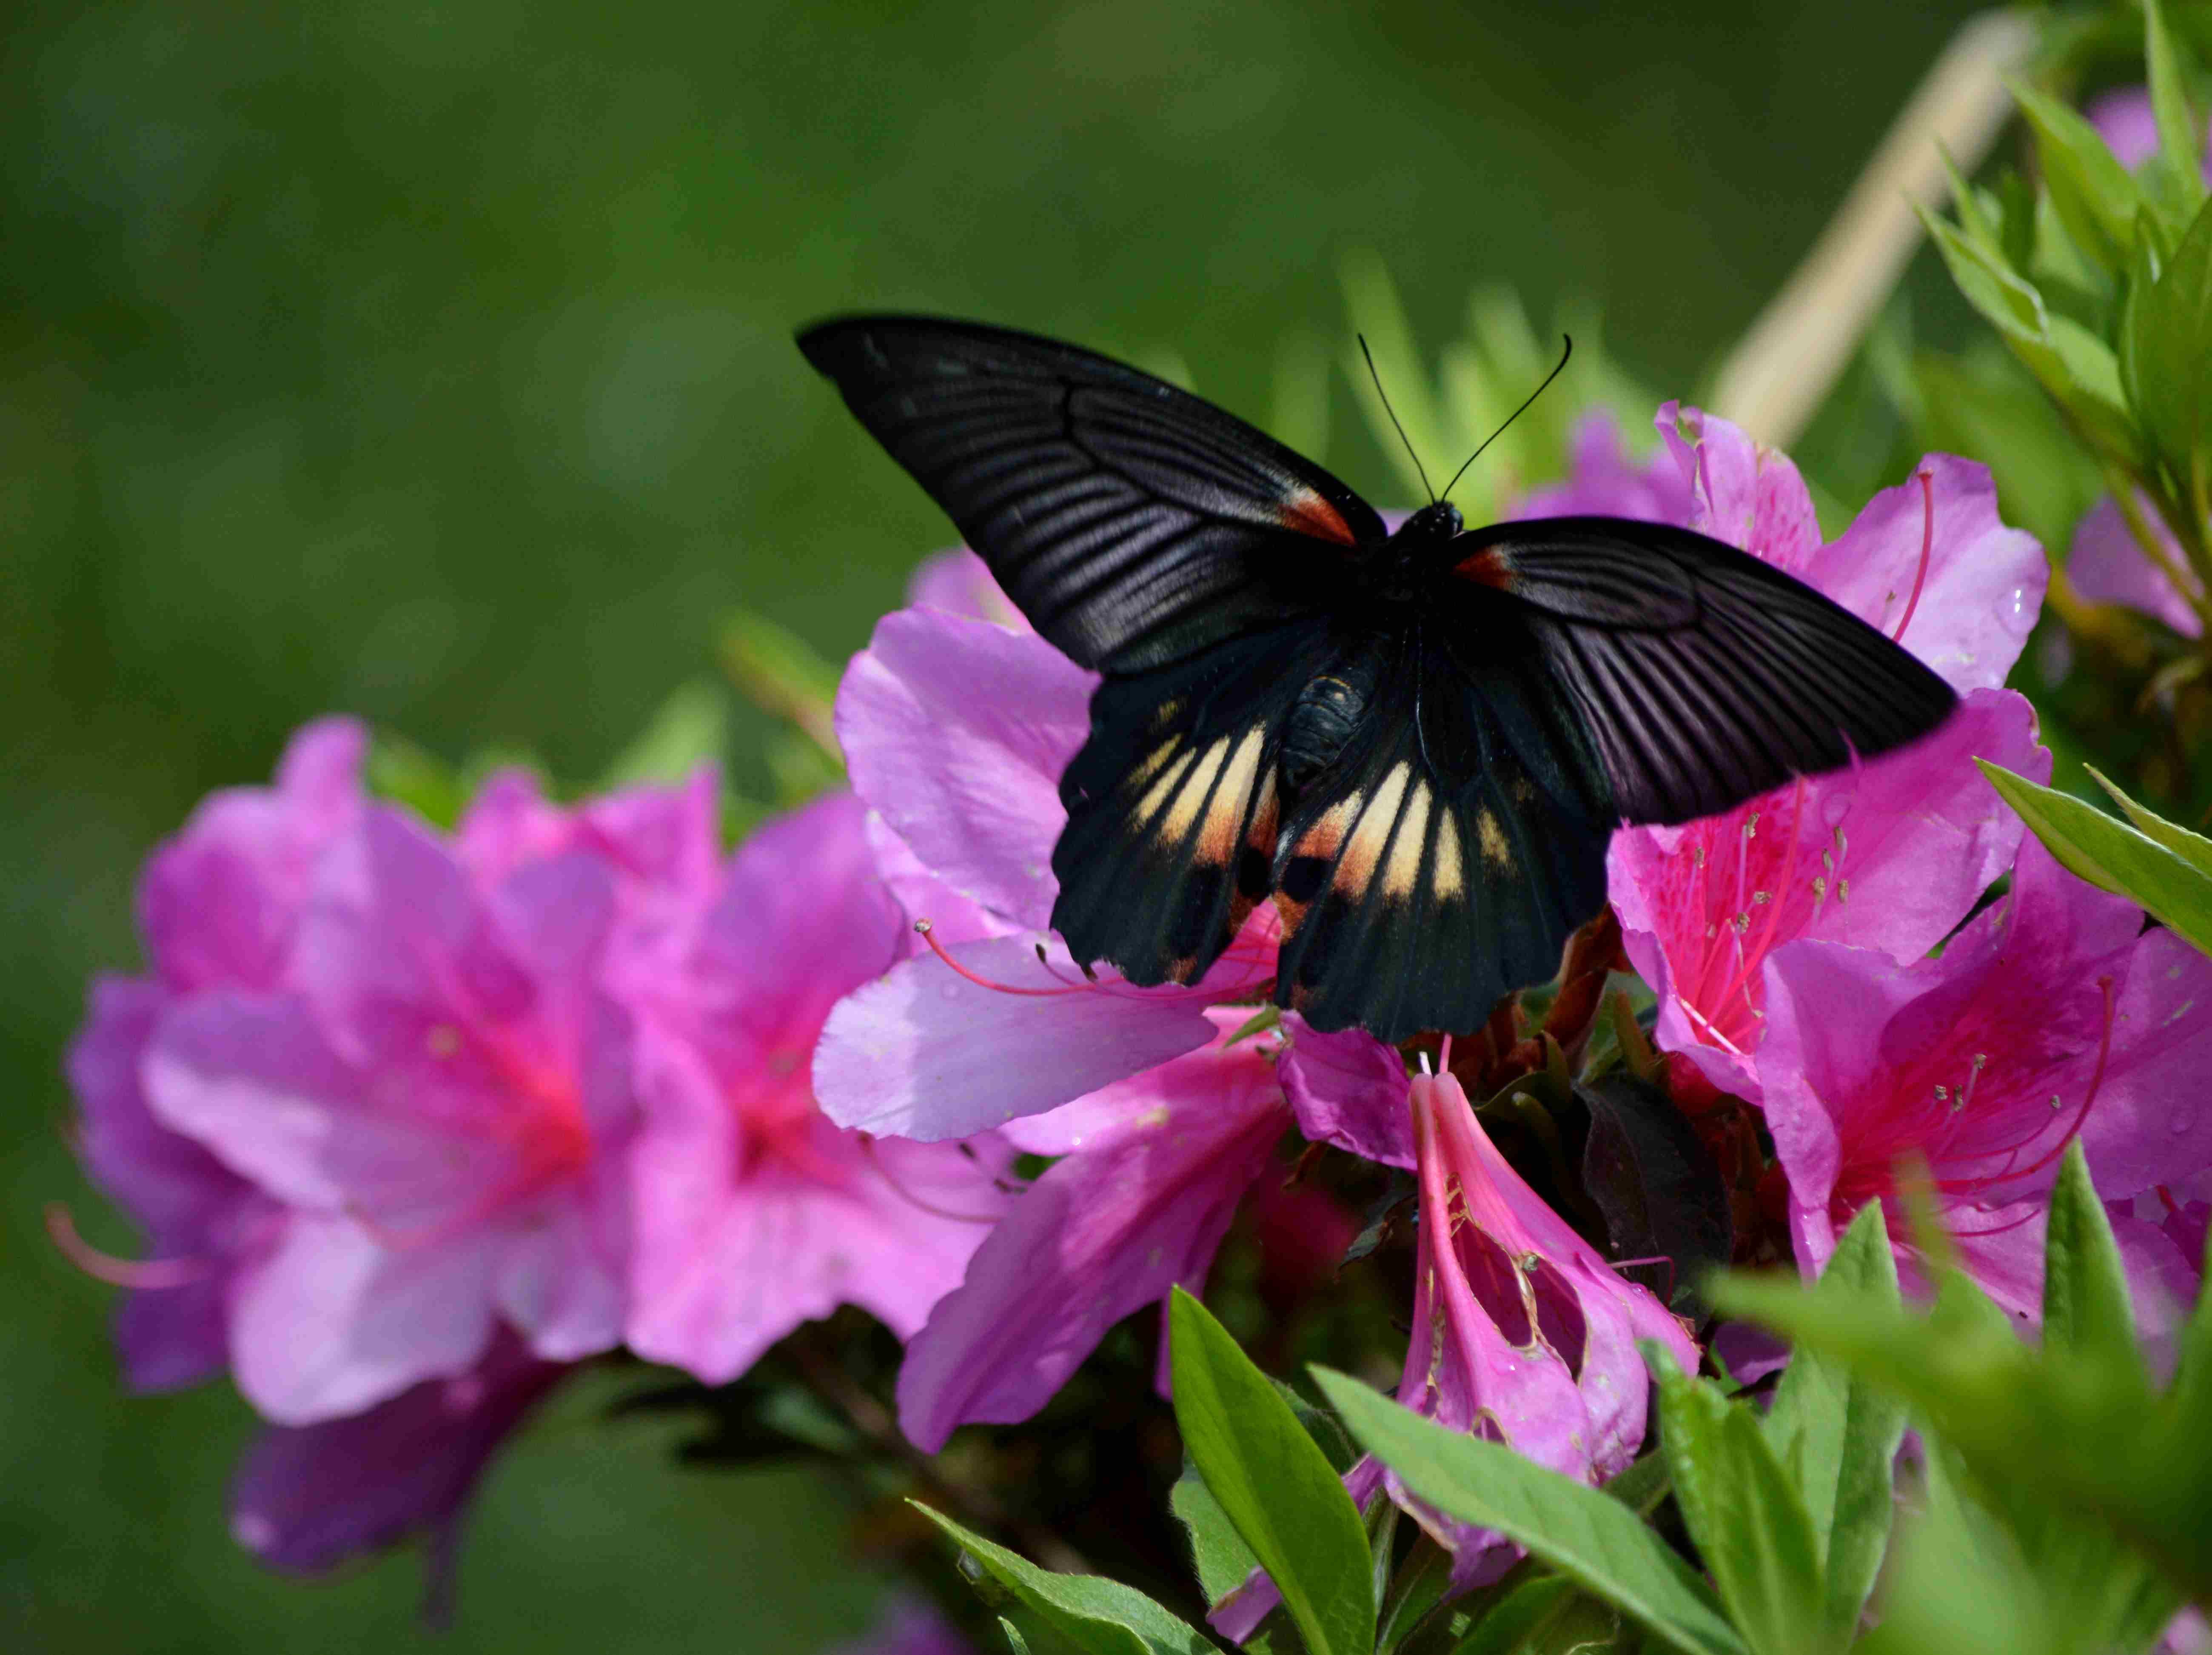 ナガサキアゲハ 5月2日ツツジの咲く公園にて_d0254540_547522.jpg